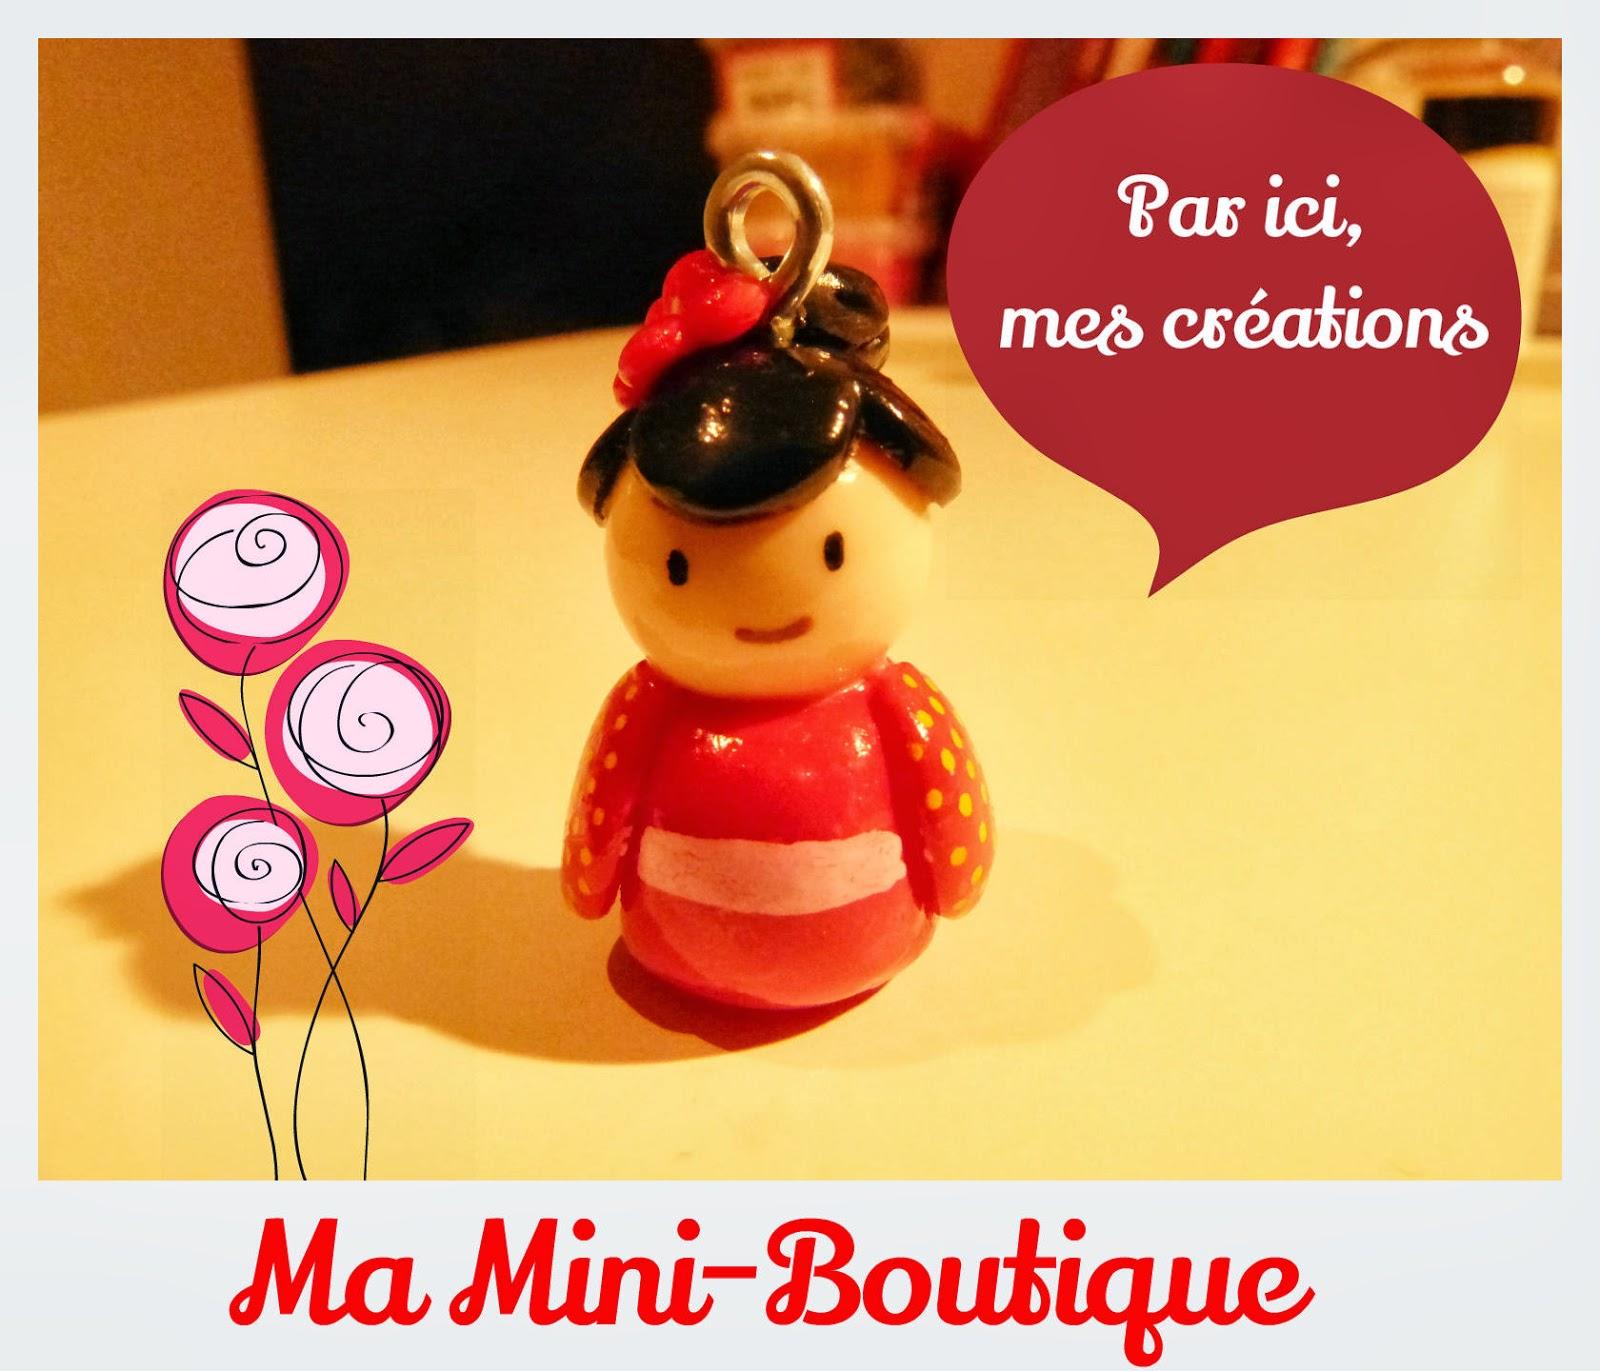 http://www.alittlemarket.com/boutique/jueru-519071.html